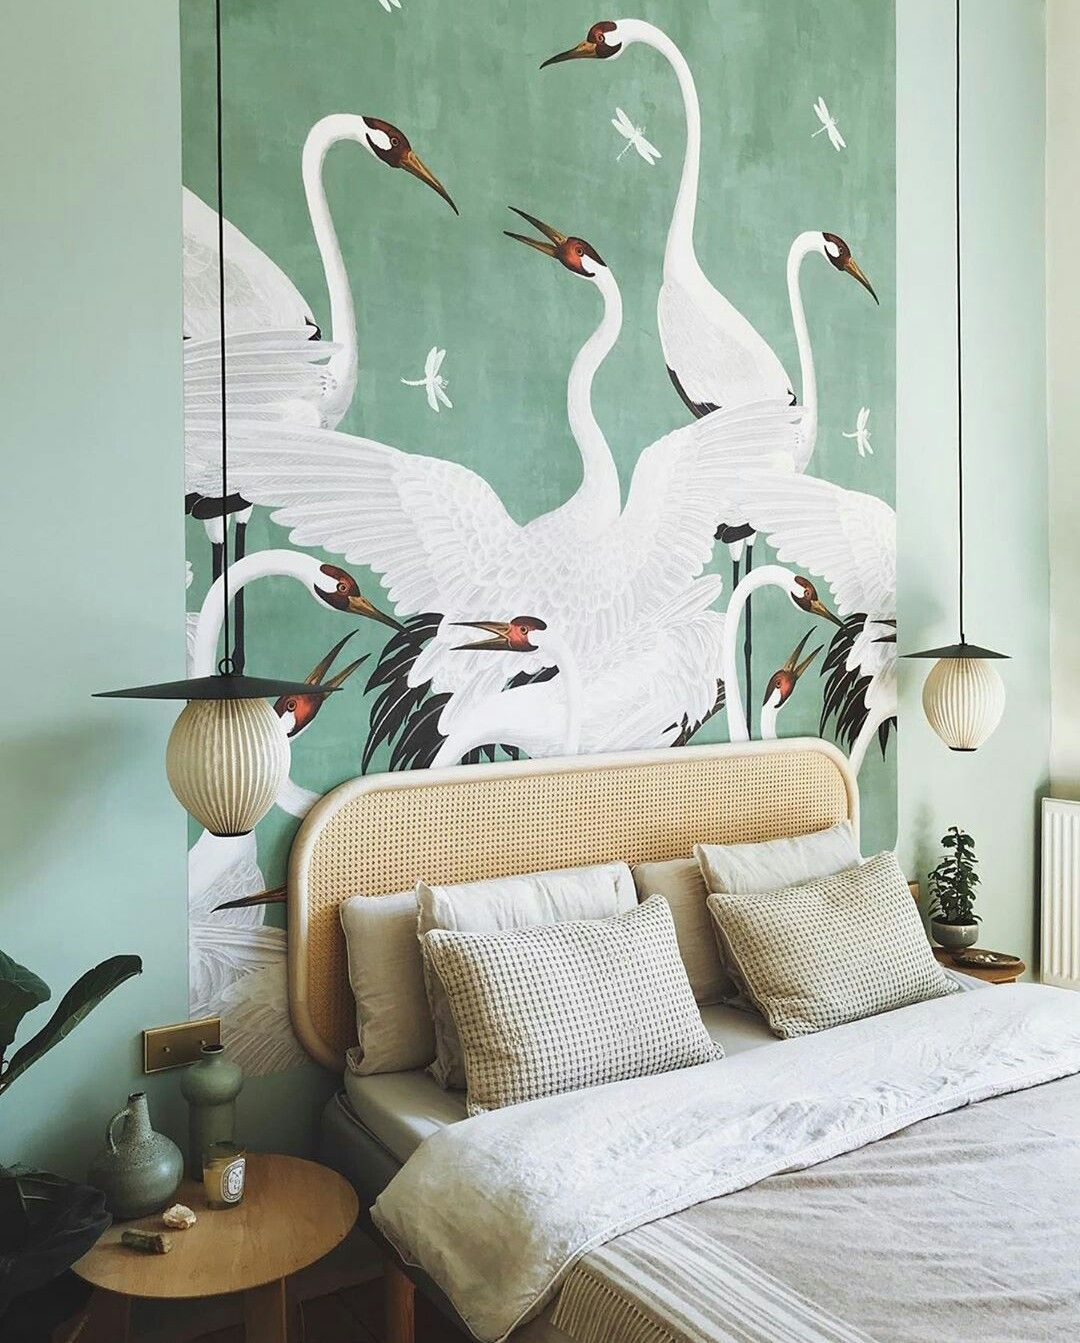 Gucci wallpaper. en 2020 Décoration intérieure, Deco